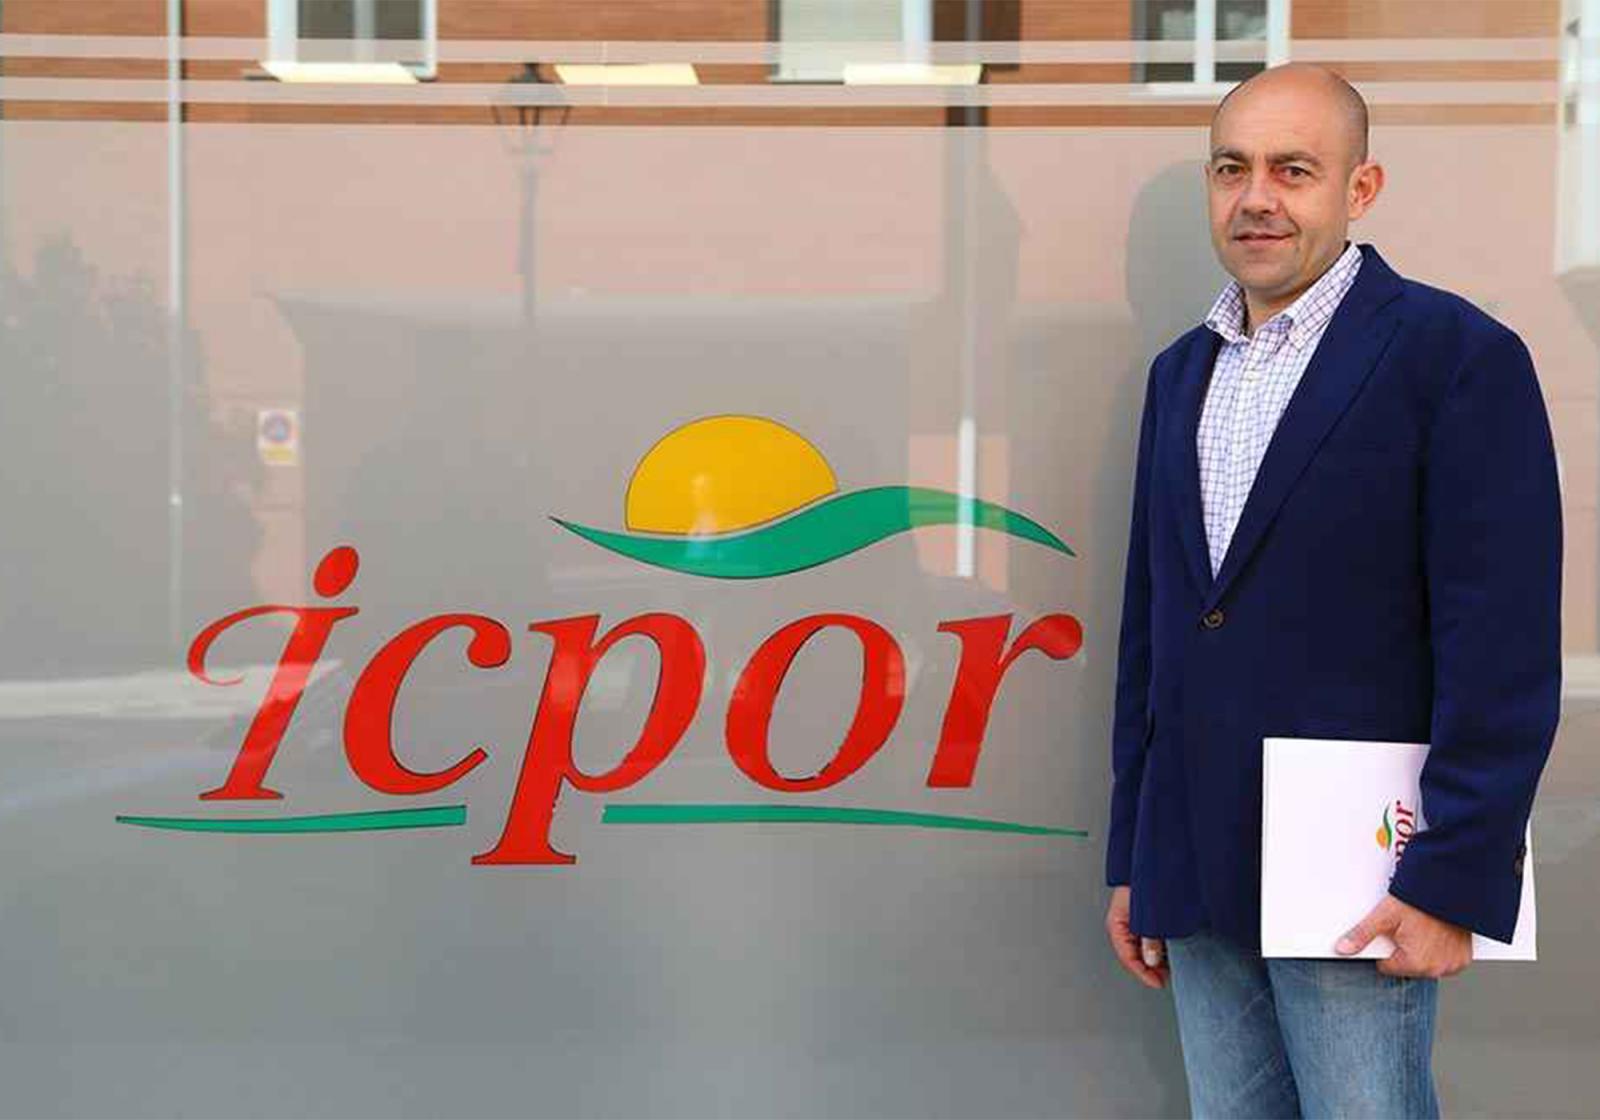 La empresa soriana ICPOR genera 135 empleos en el medio rural facturando 86 millones.